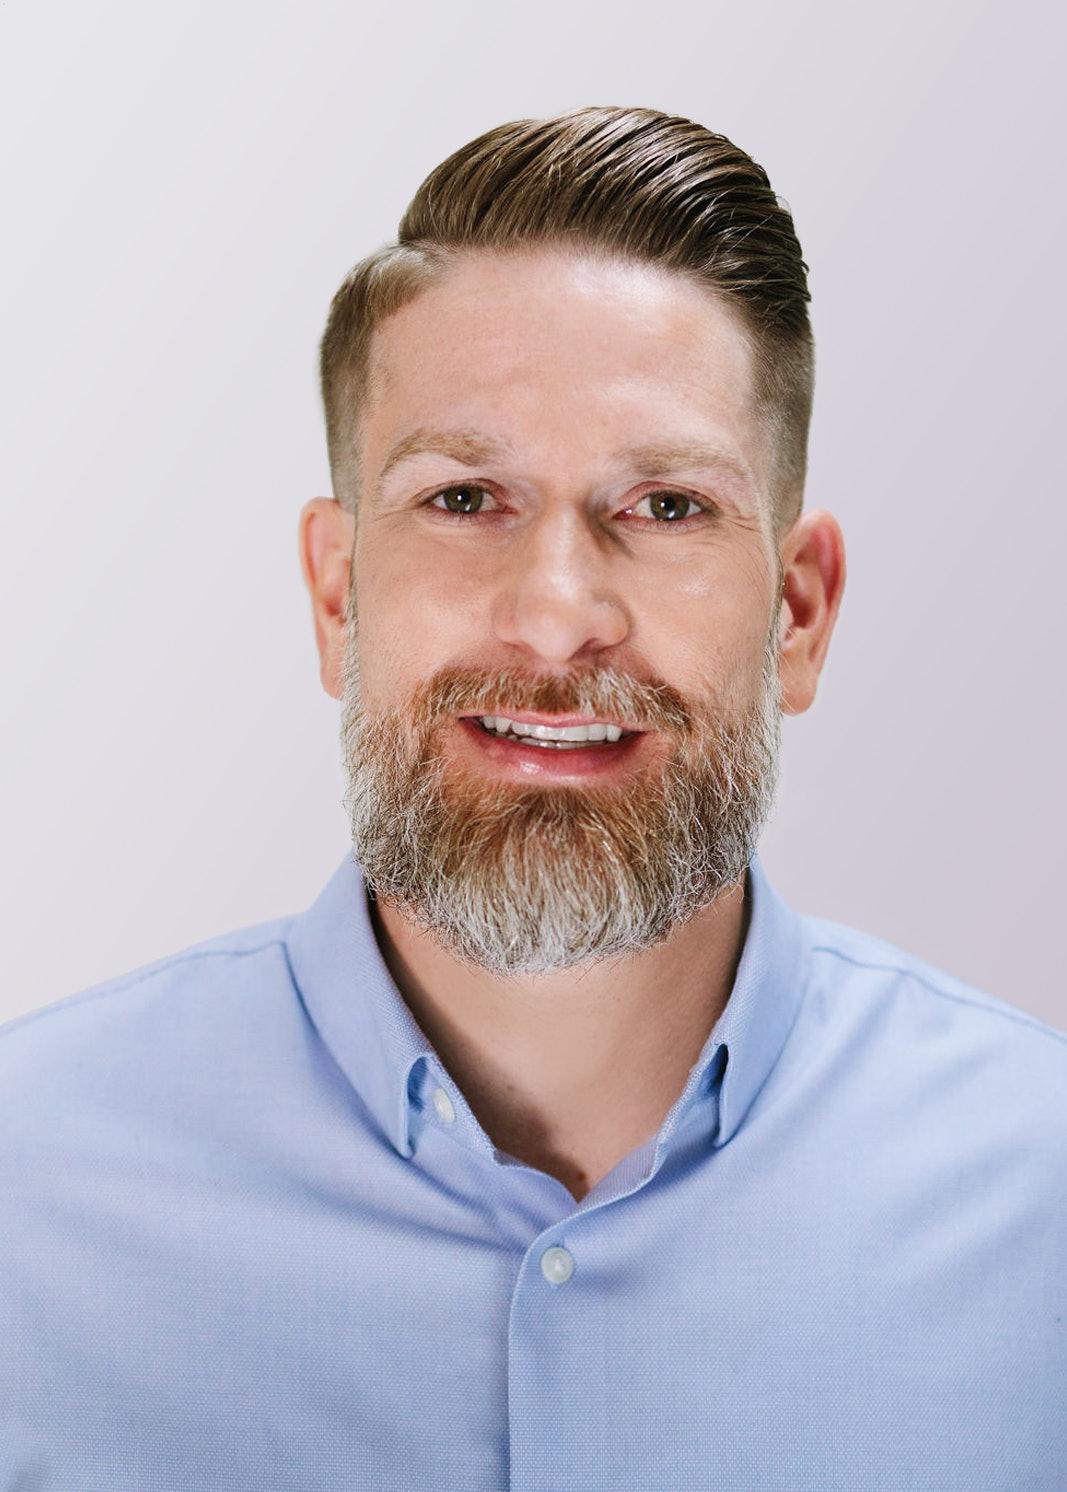 Andy Schultz